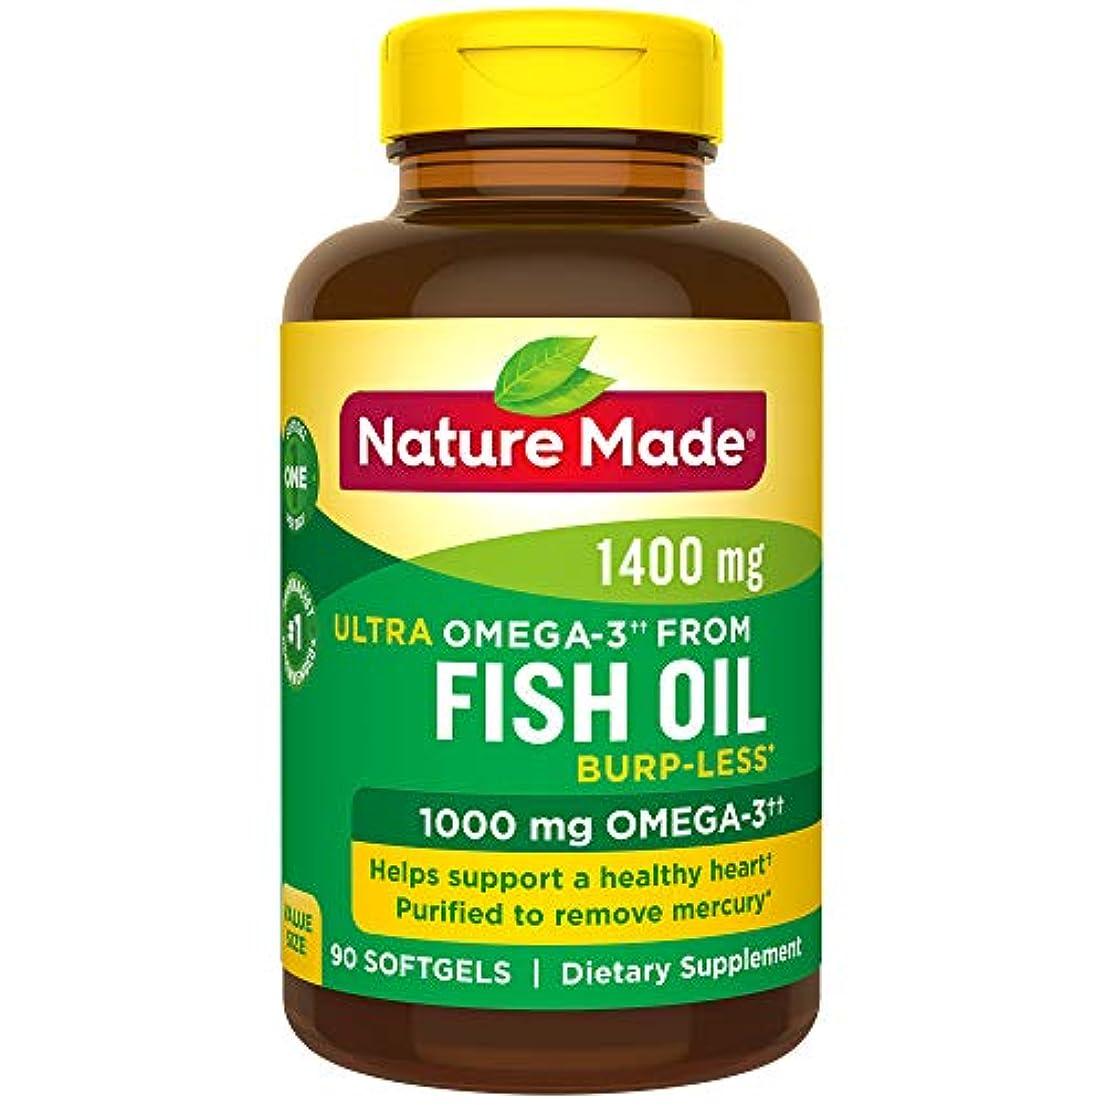 何故なのアルファベット順手つかずのNature Made Ultra Omega-3 Fish Oil Value Size Softgel, 1400 mg, 90 Count 海外直送品